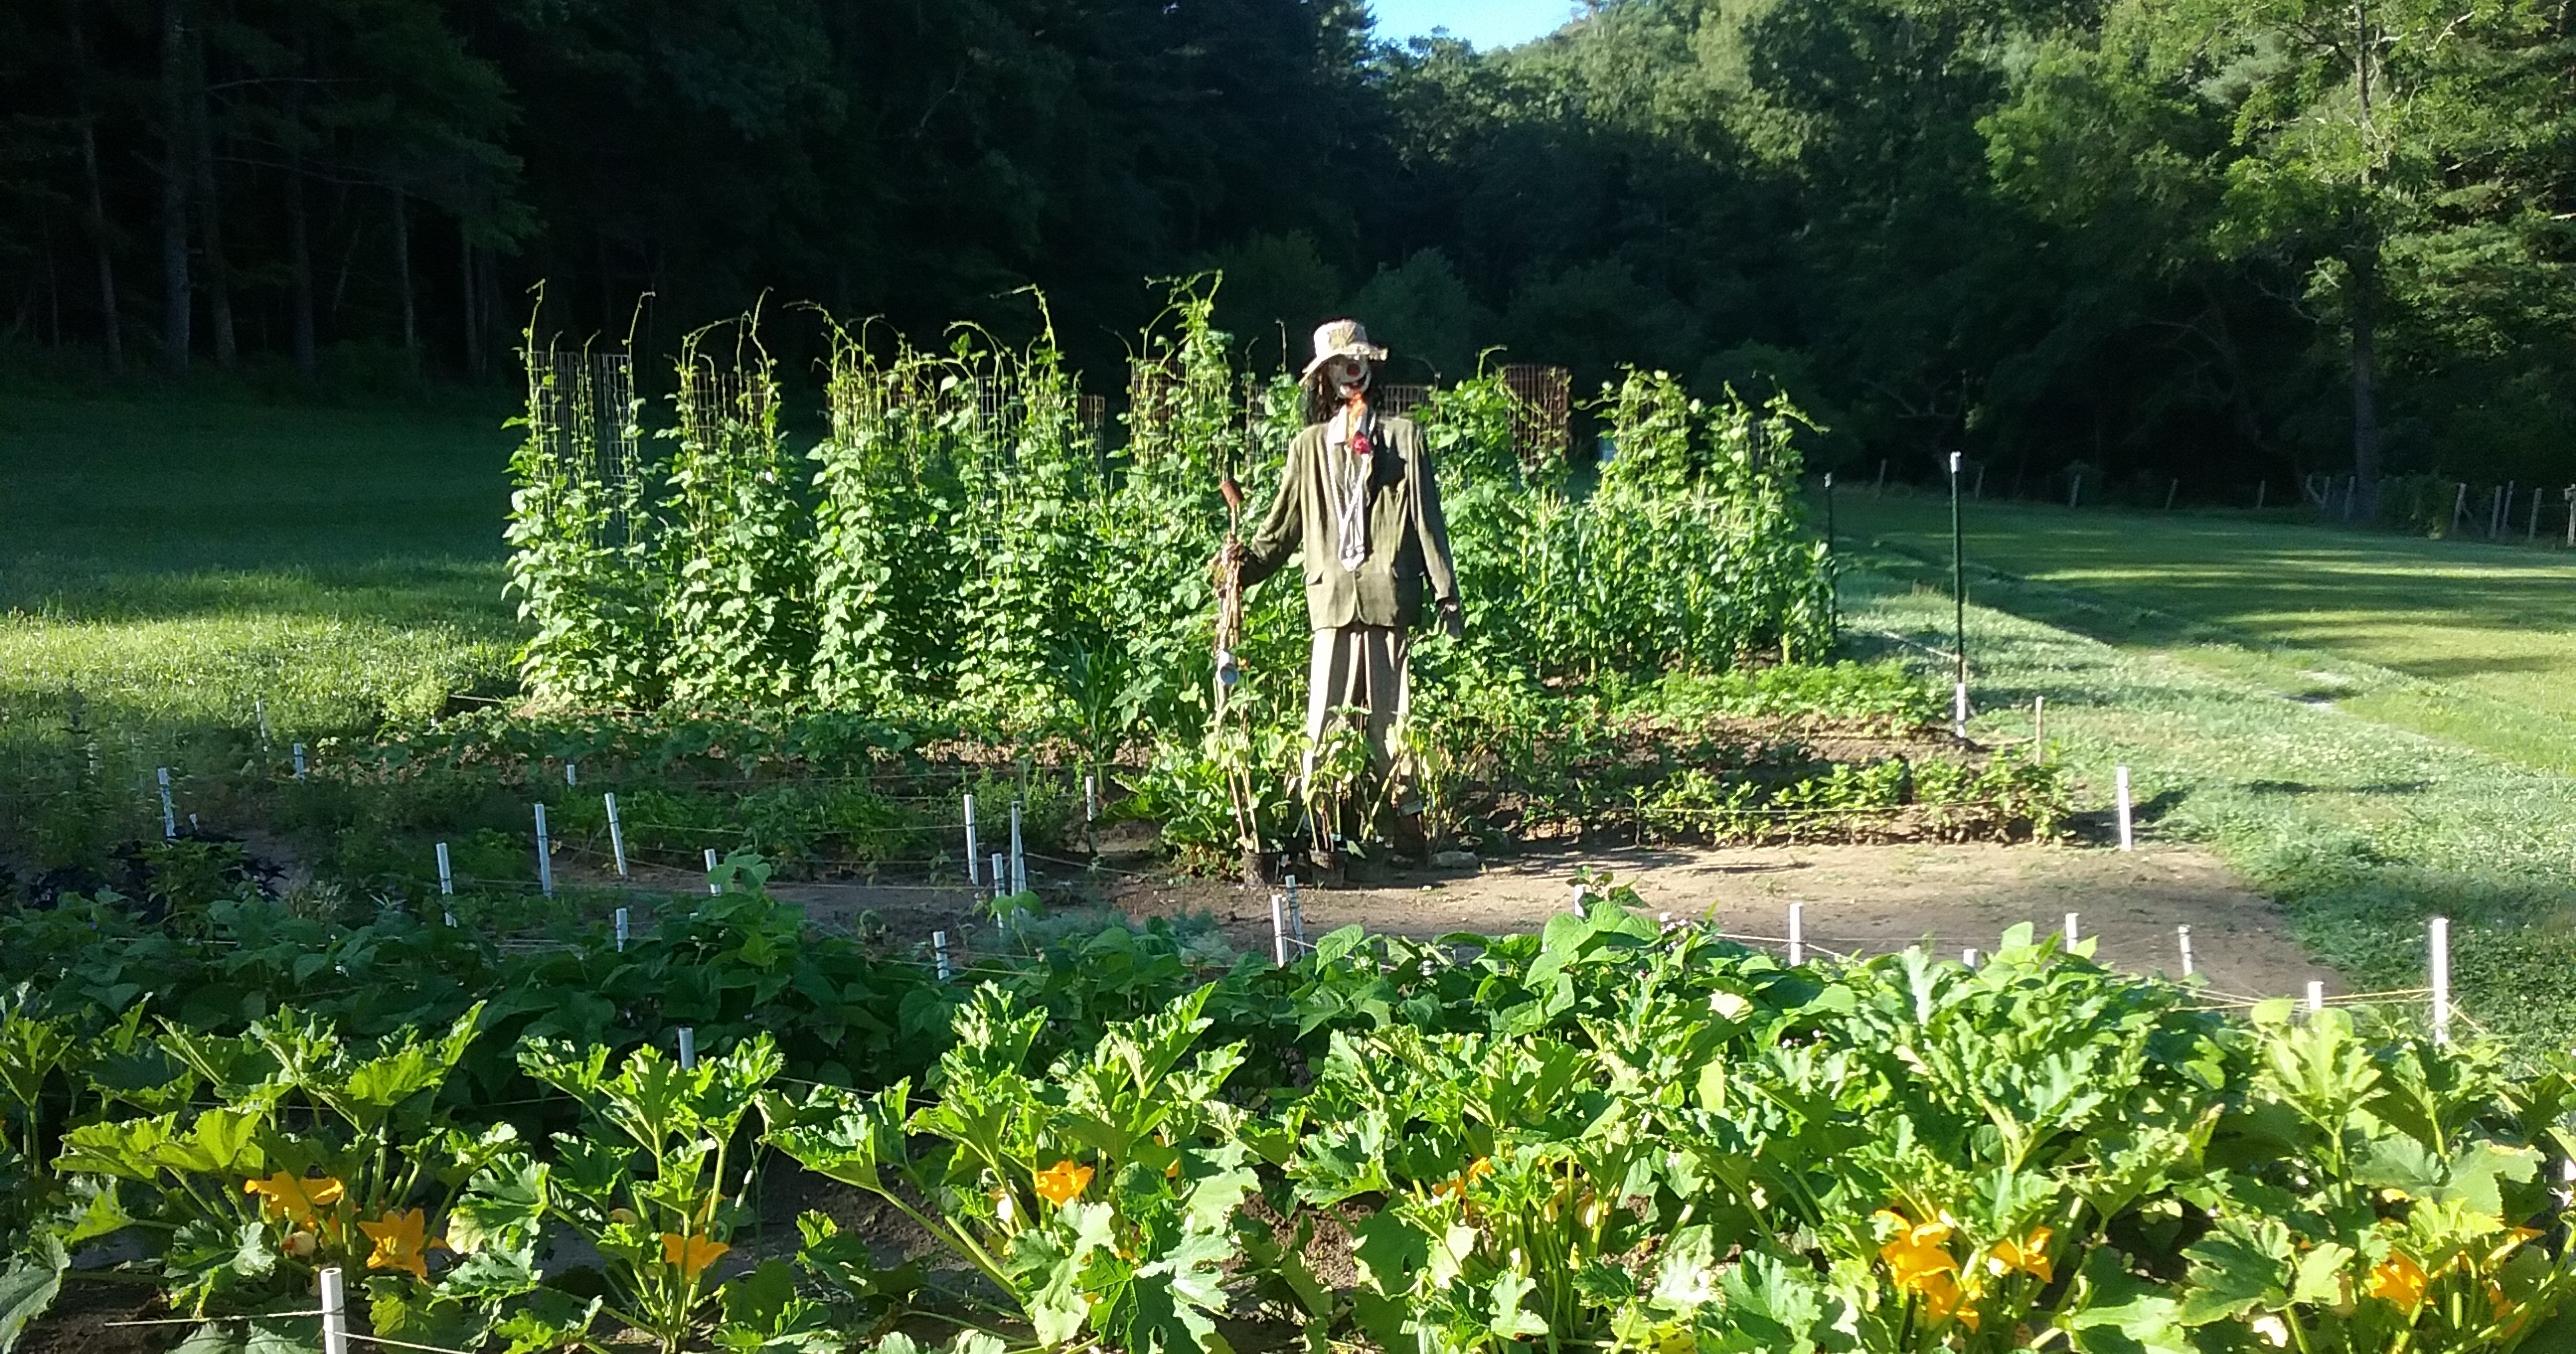 Connemara garden